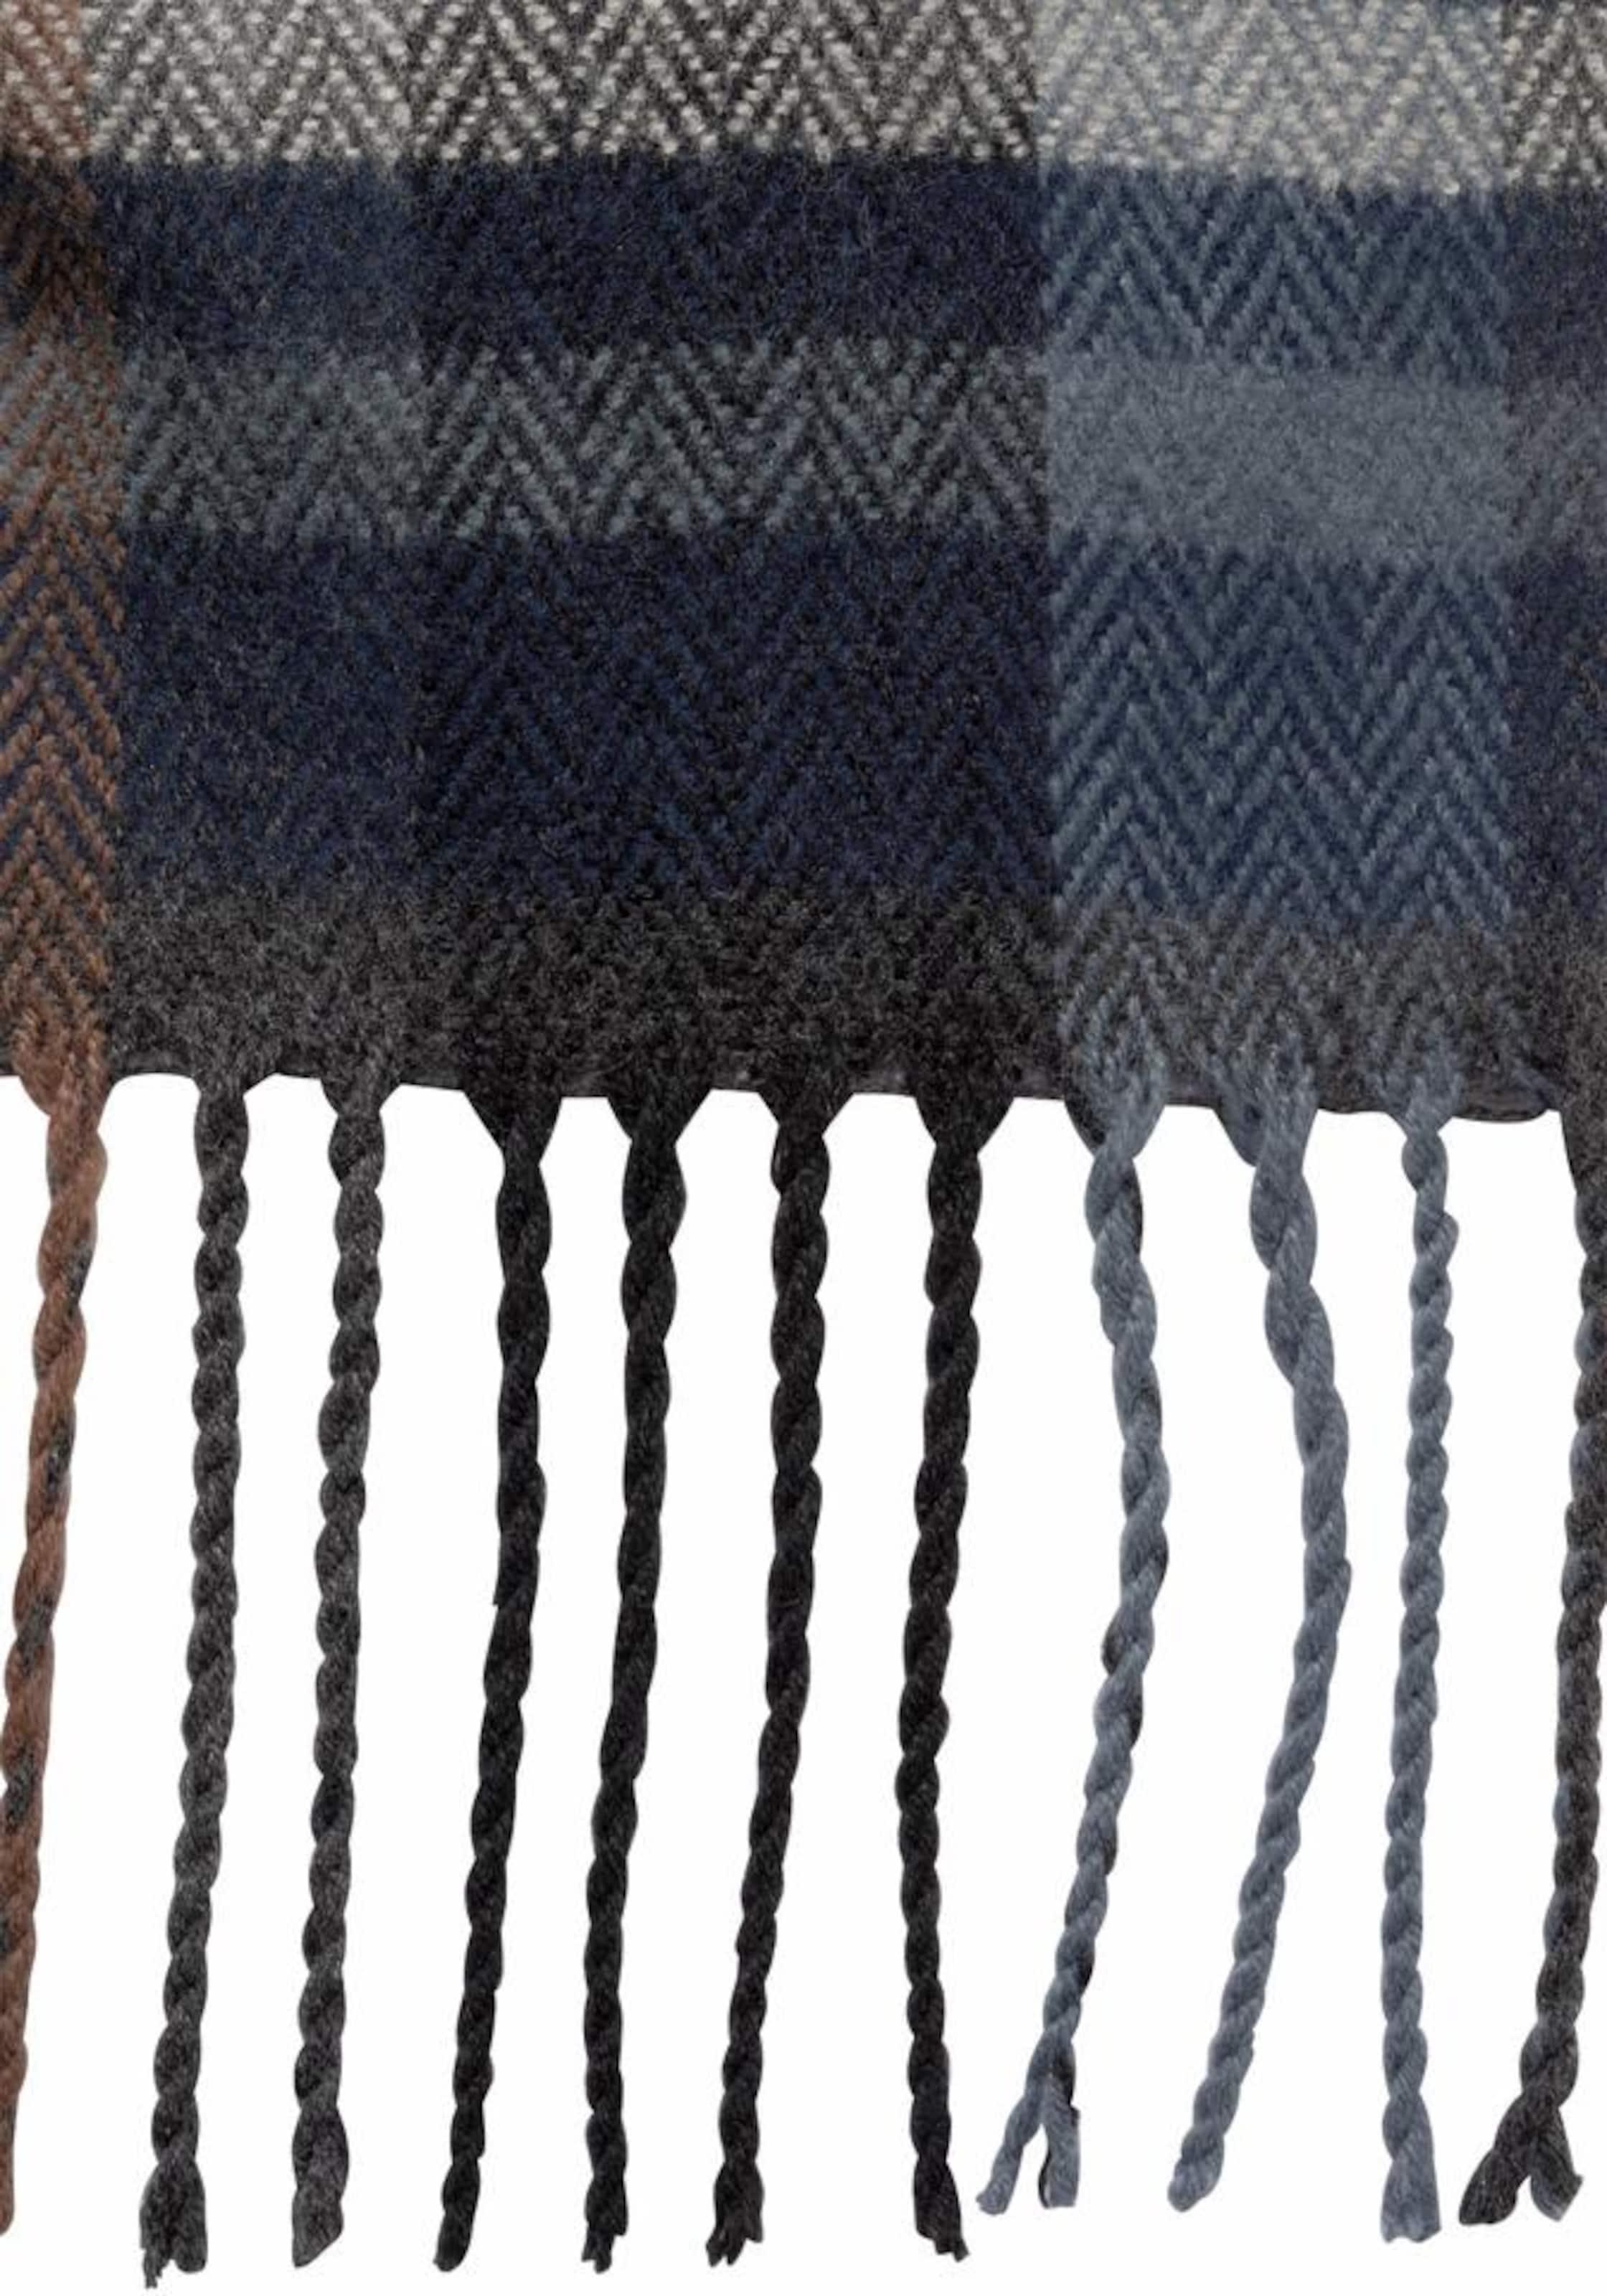 Mode Online Rabatt Besuch Neu J. Jayz Modeschal Billig Vorbestellung Auslassstellen Günstiger Preis 792c9r51xj